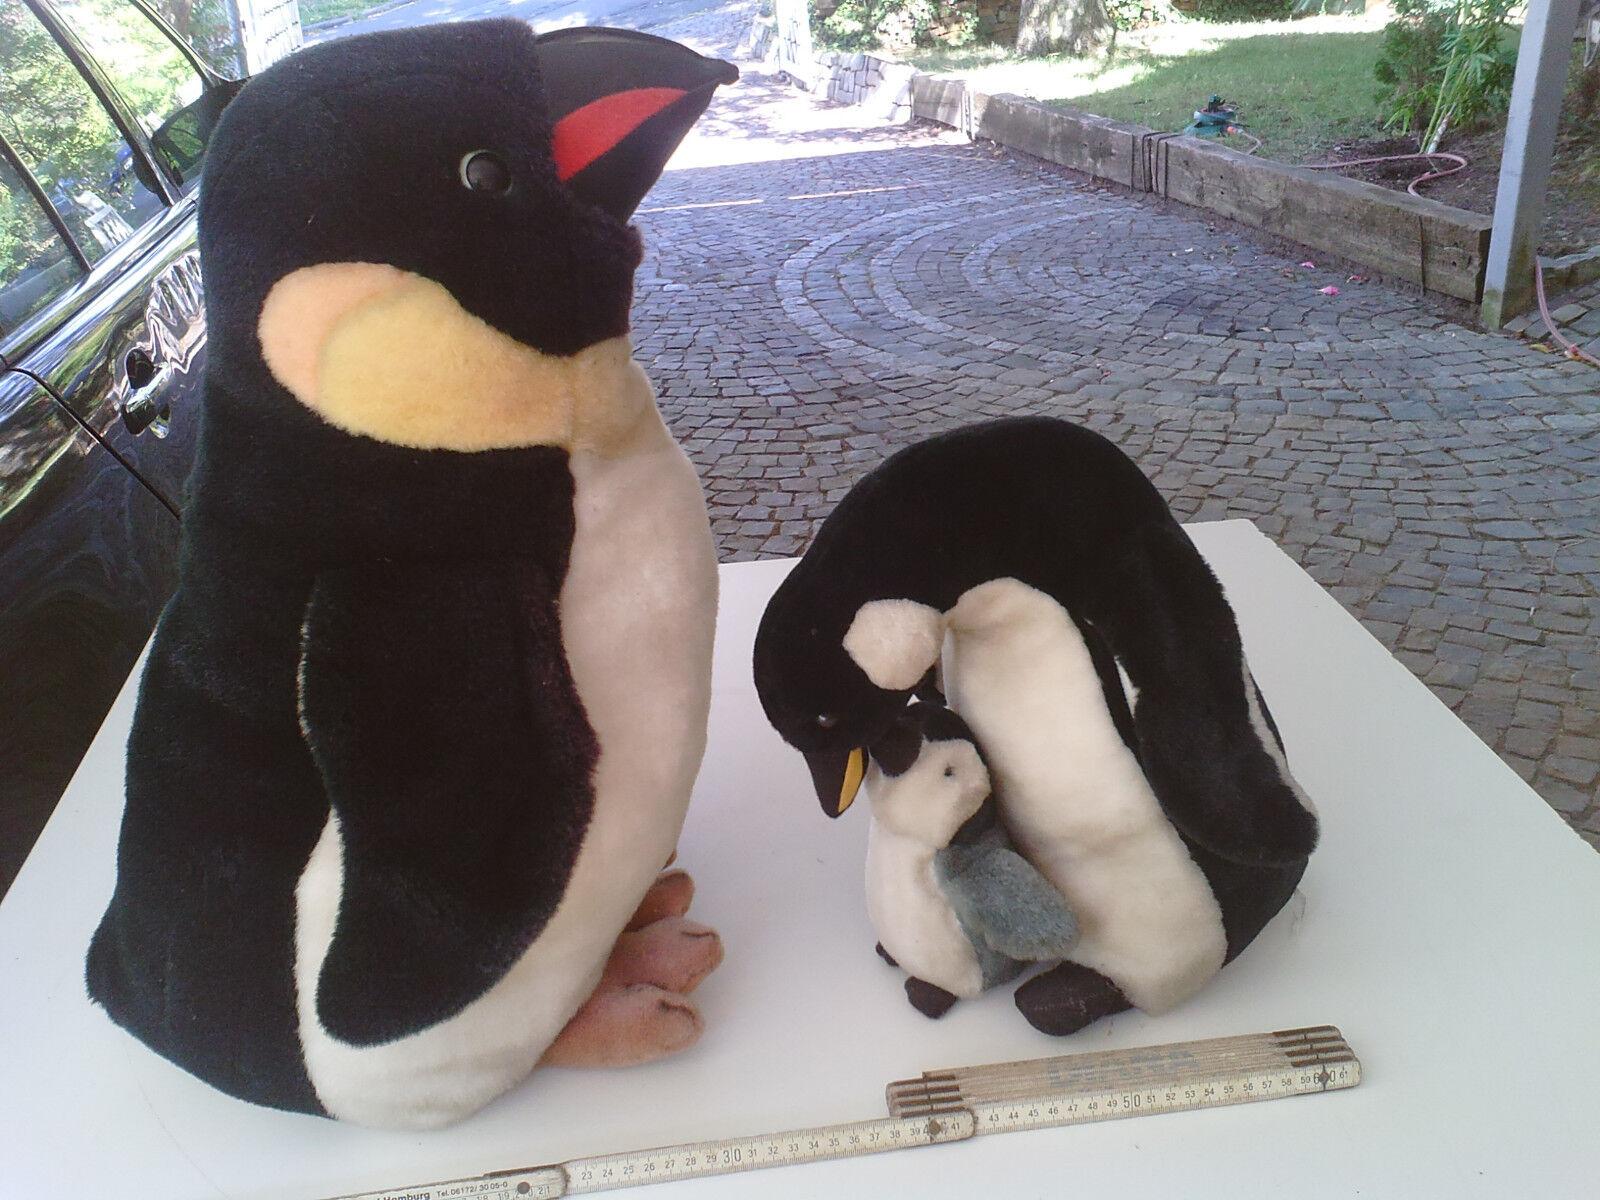 Plüschtier 53 Pinguin Plüti 53 Plüschtier + 32 cm, neuwertig siehe Text, Kuscheltier Plüsch c8eb4e